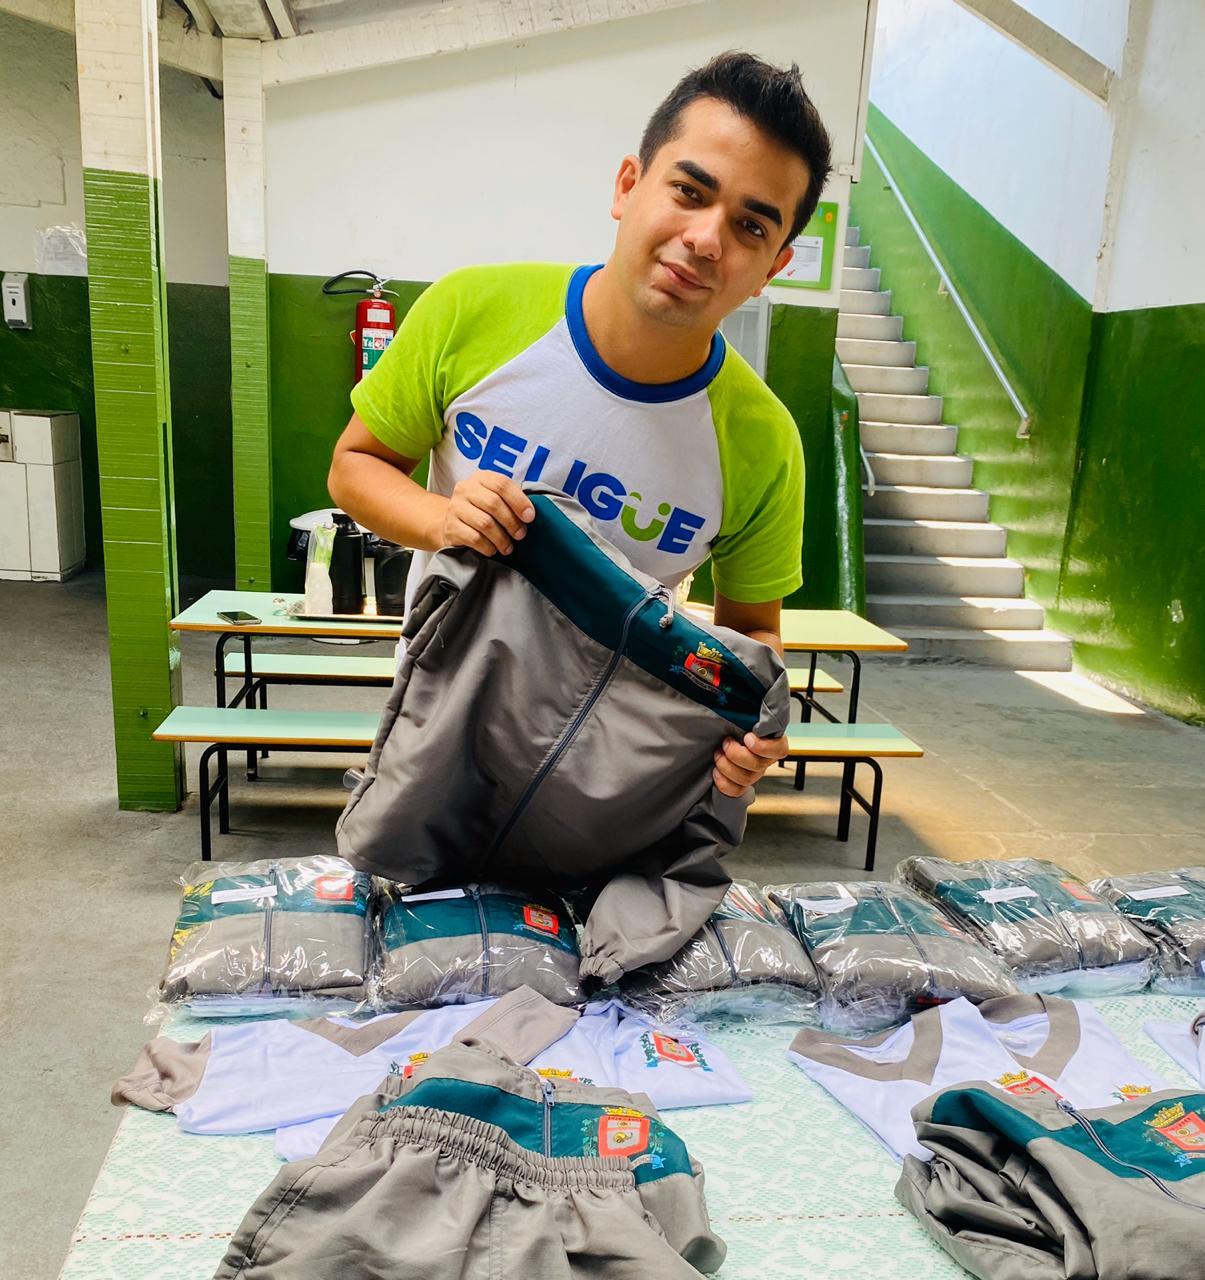 Após 4 anos de muita cobrança de Renatinho, Prefeitura conclui compra de uniforme escolar